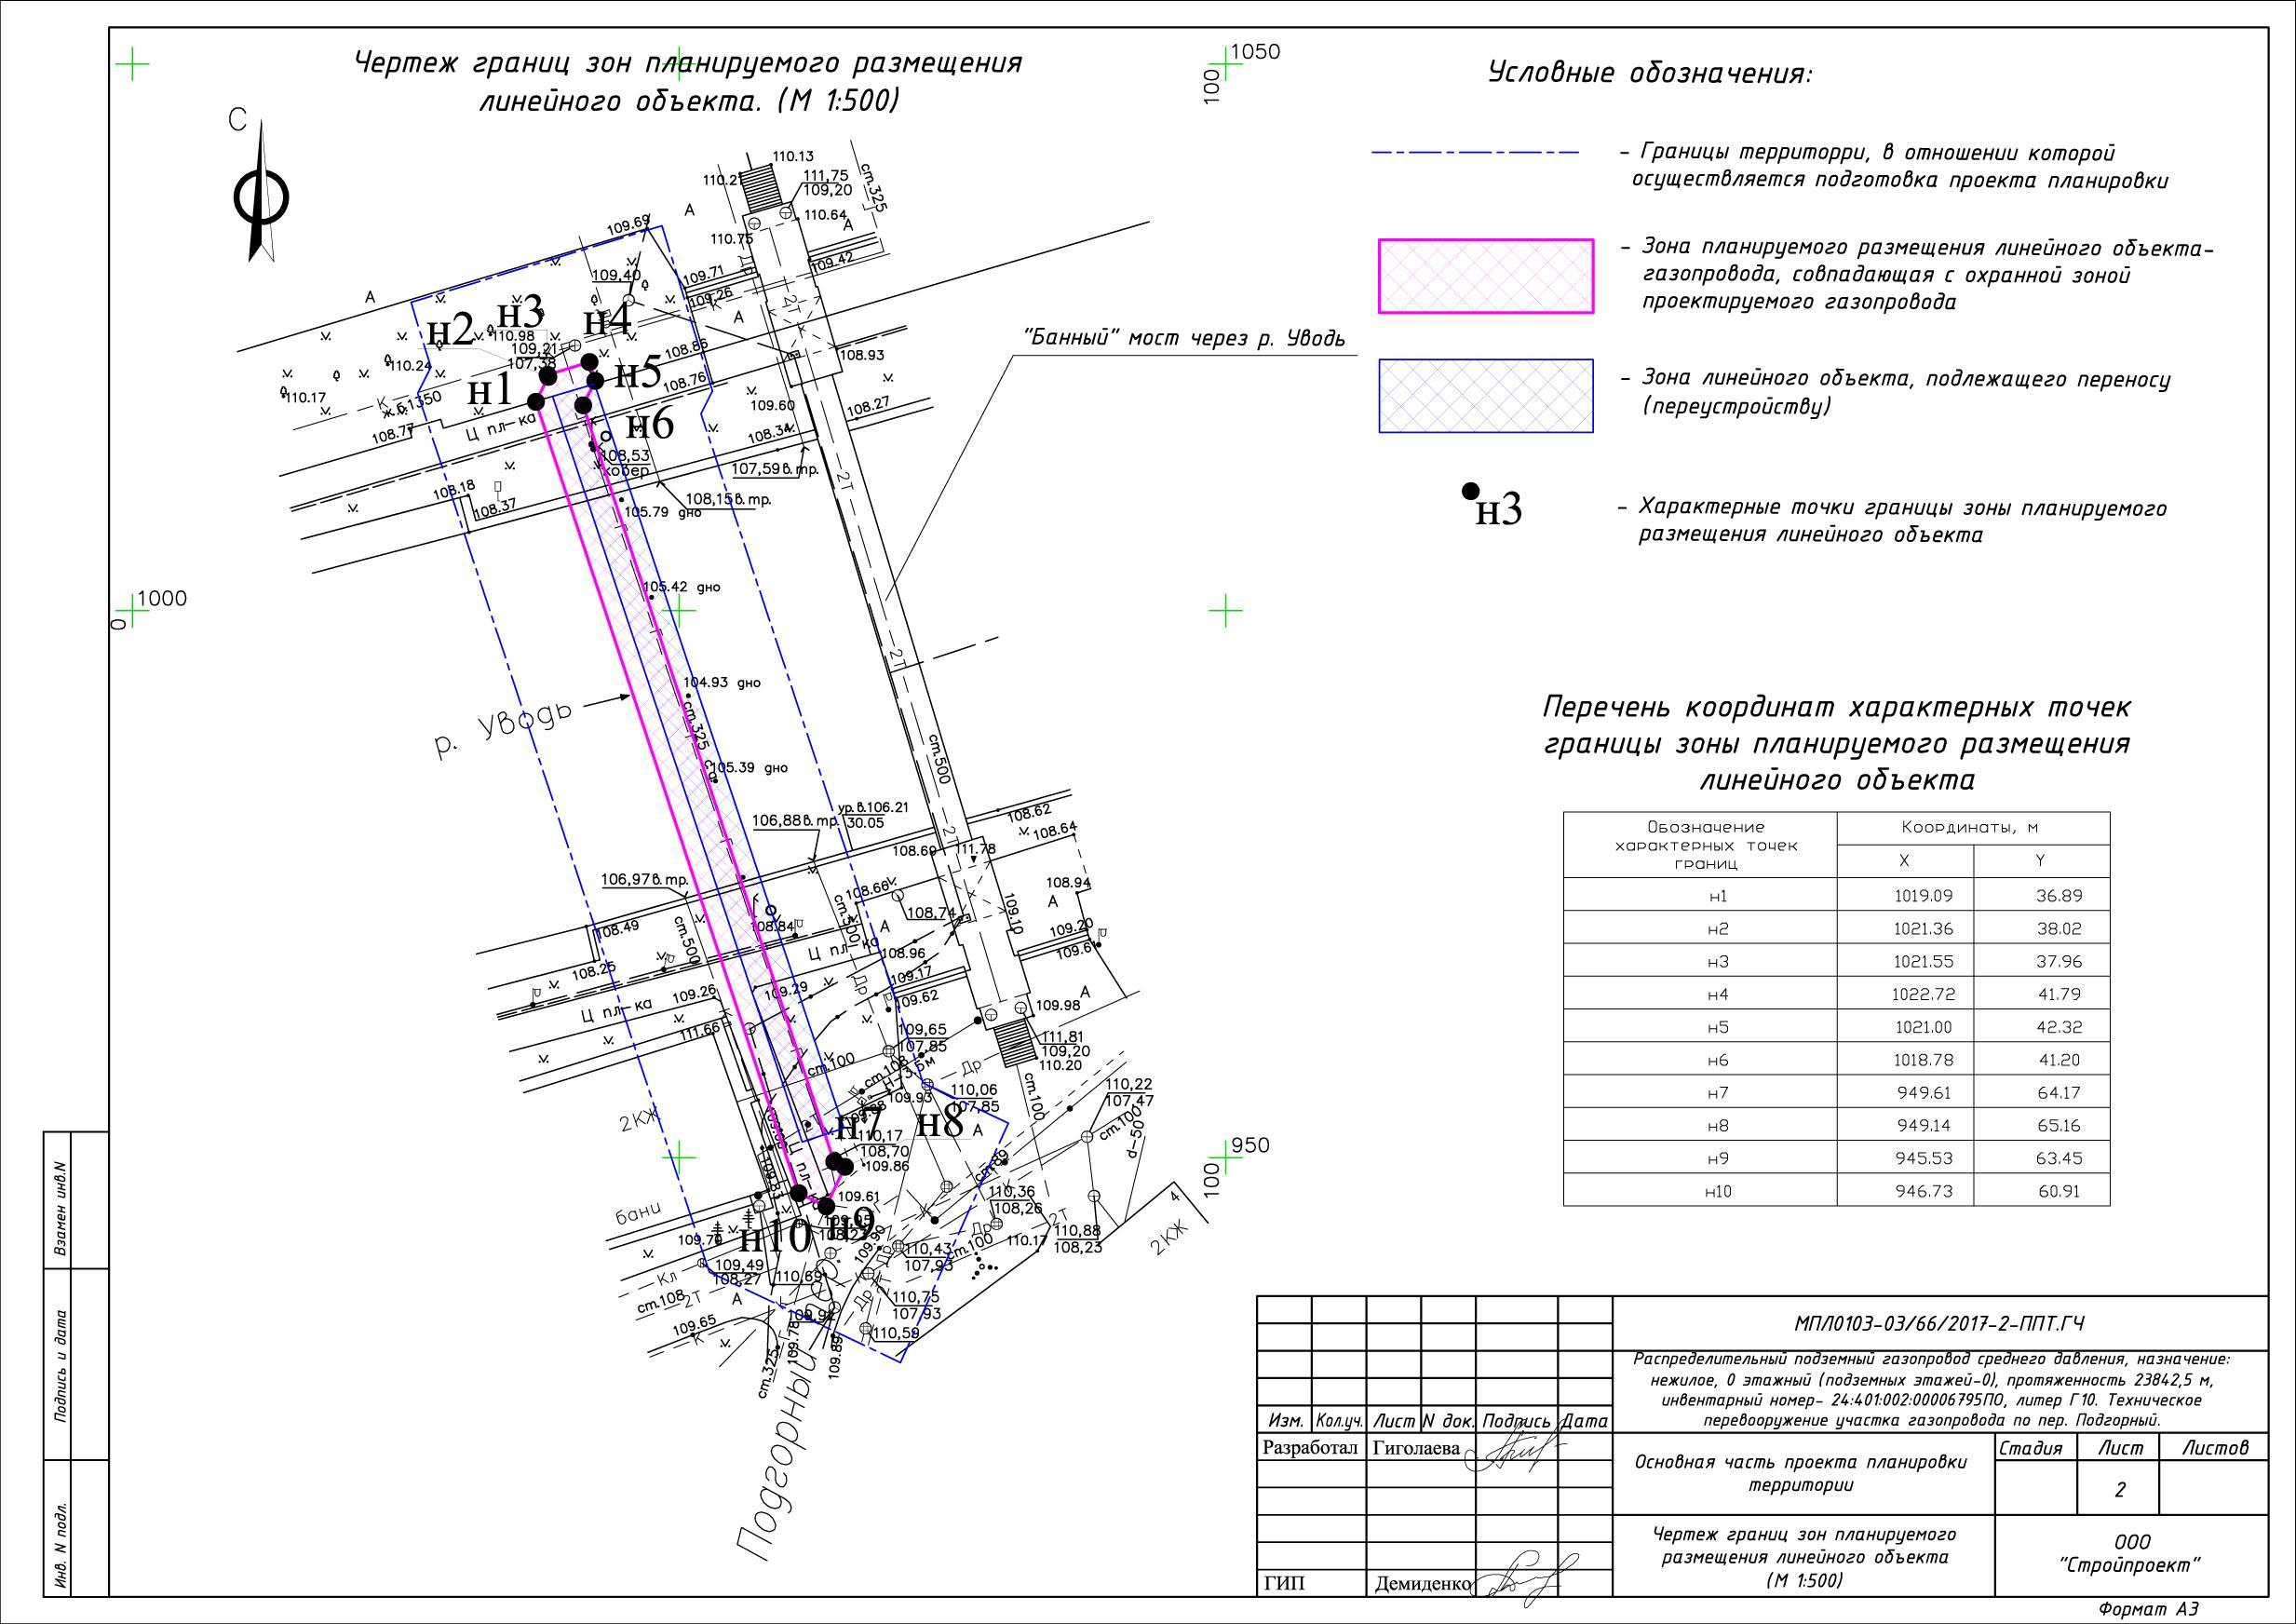 Санитарно-защитная зона очистных сооружений в спб — заказать проект сзз